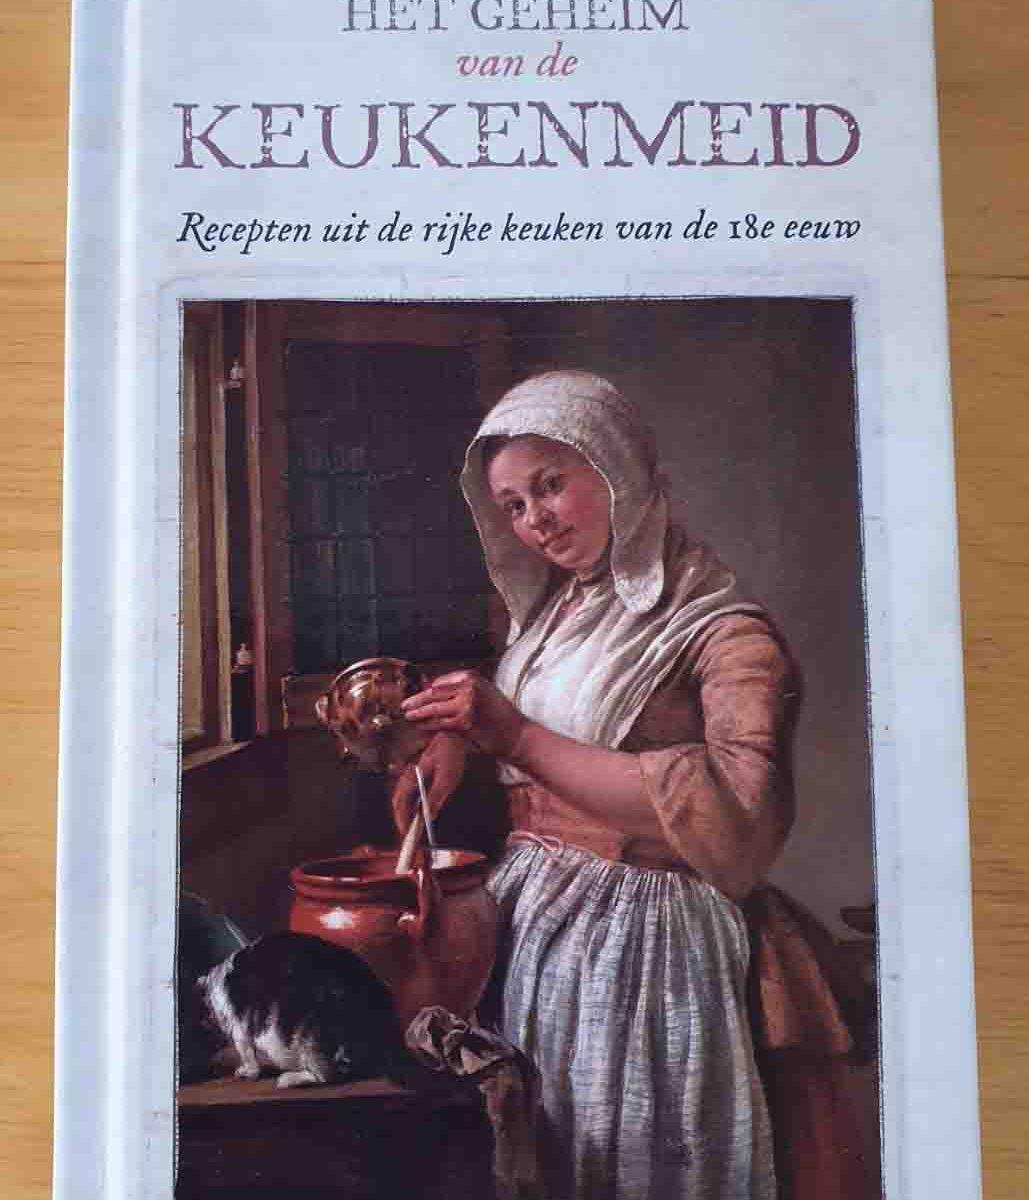 Boek het geheim van de keukenmeid